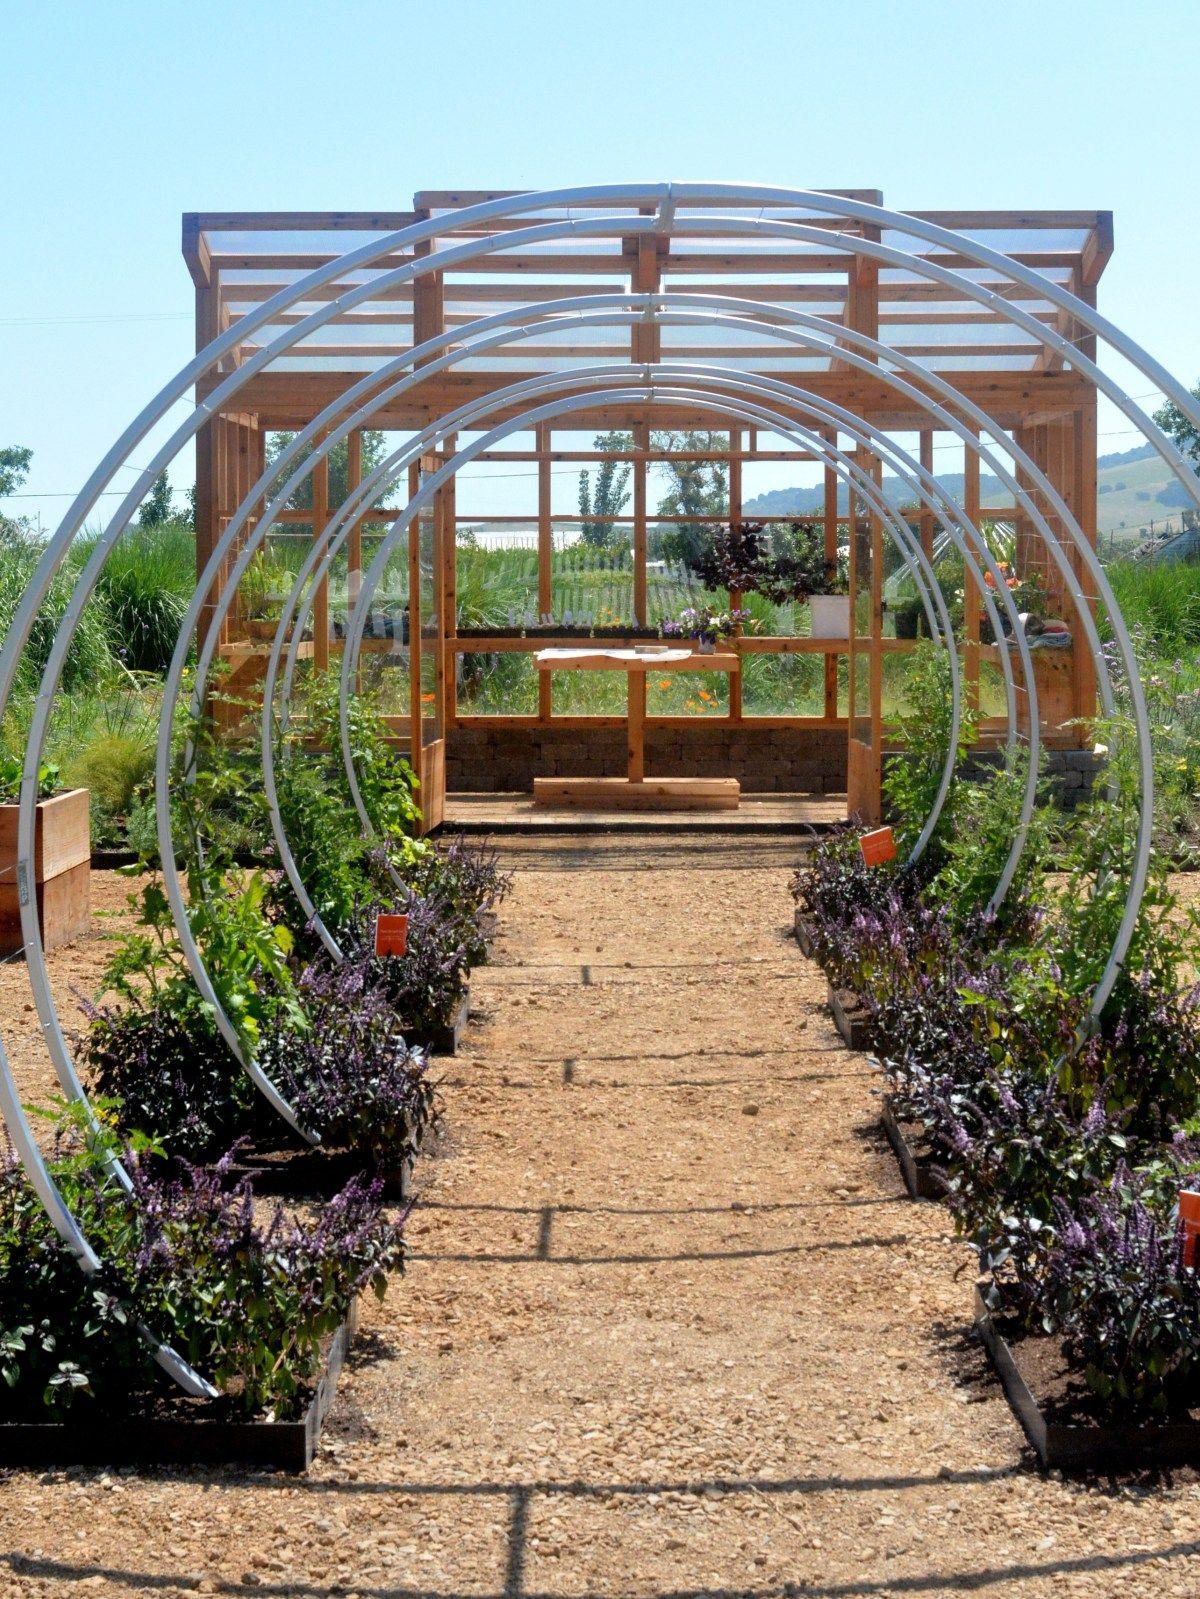 cornerstone gardens garden garden set day trips on magnificent garden walkways ideas for unique outdoor setting id=85499